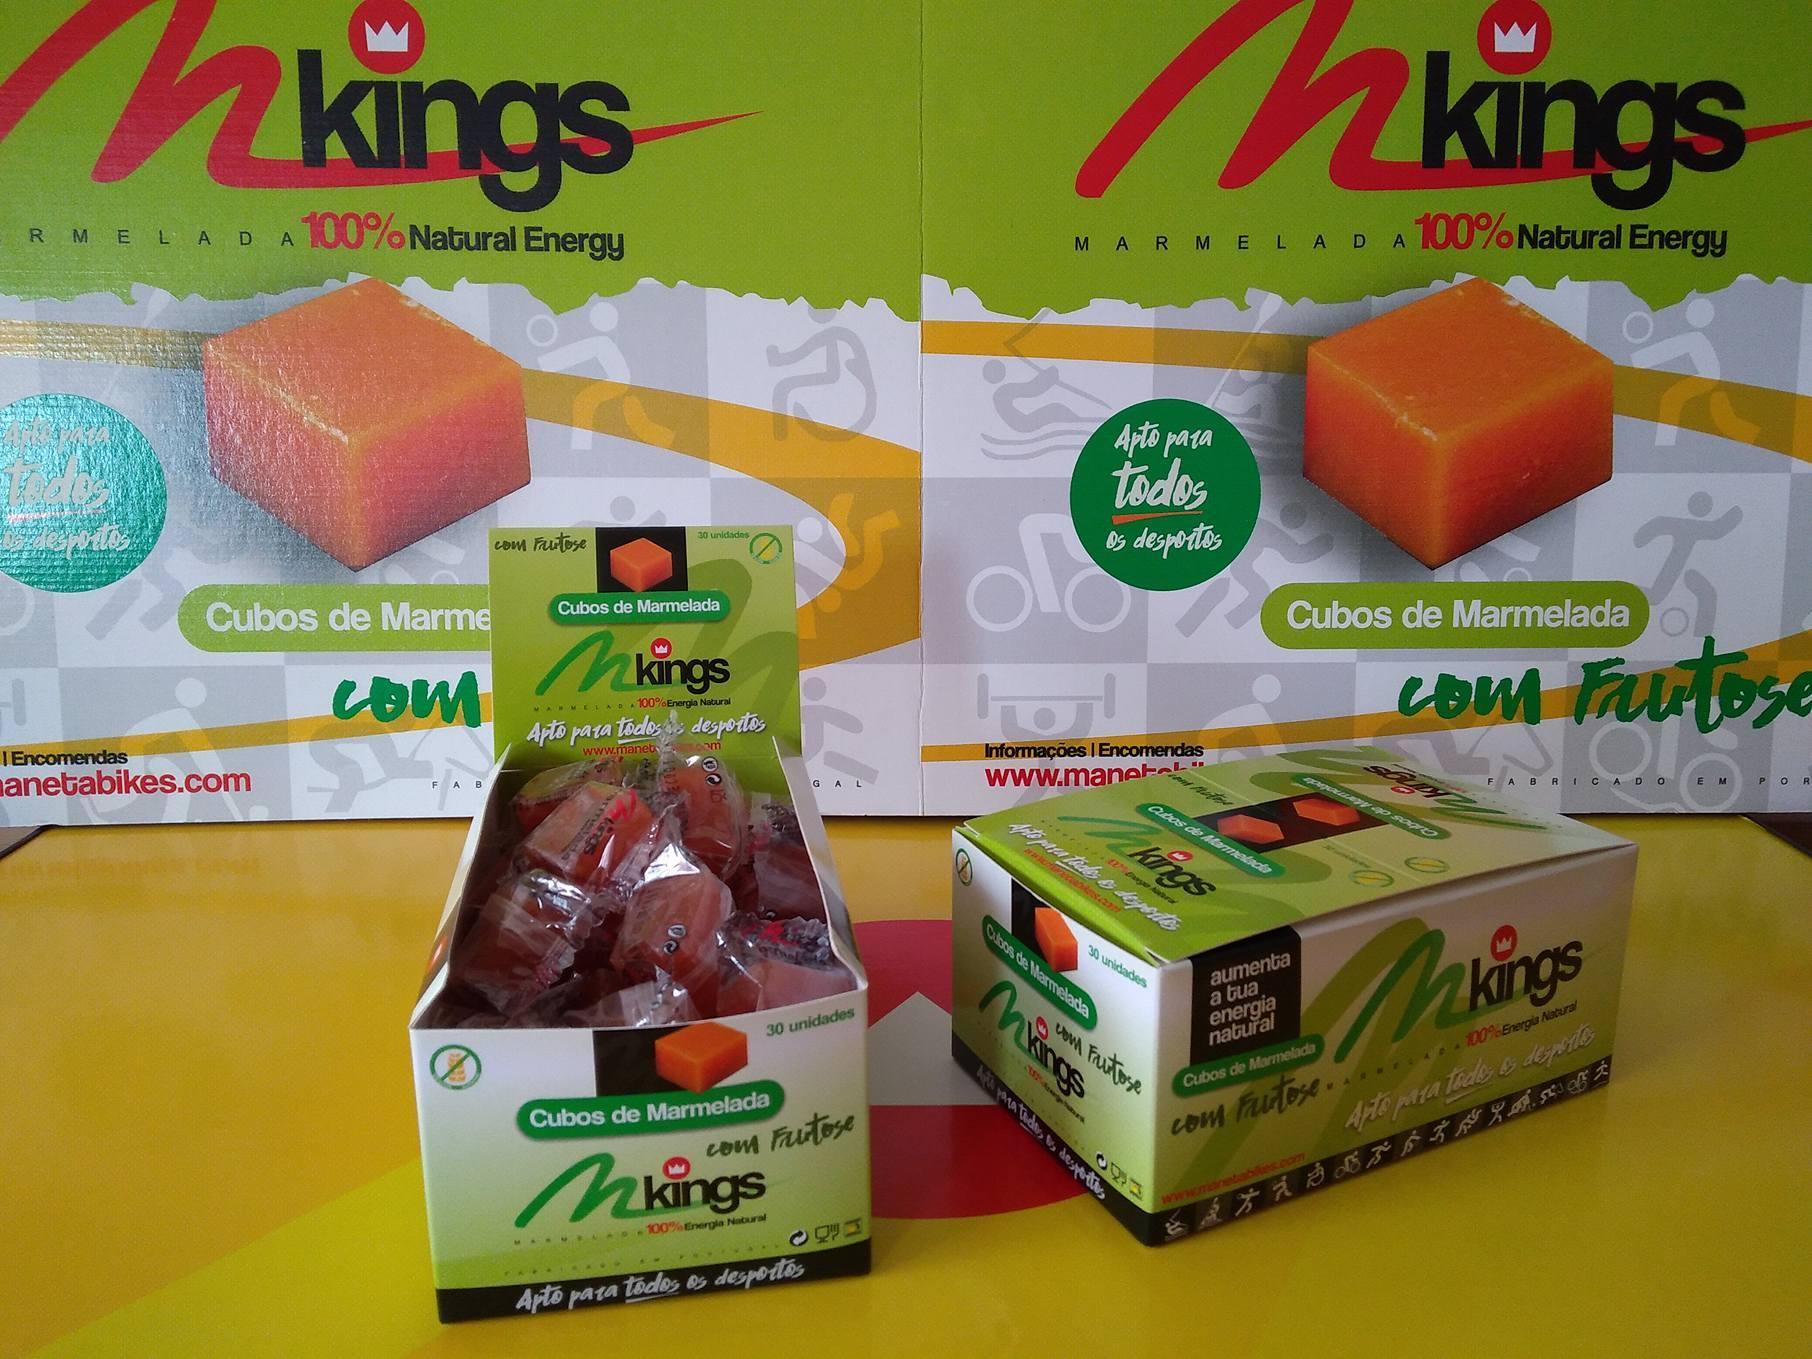 CUBOS DE MARMELADA M-Kings com Frutose